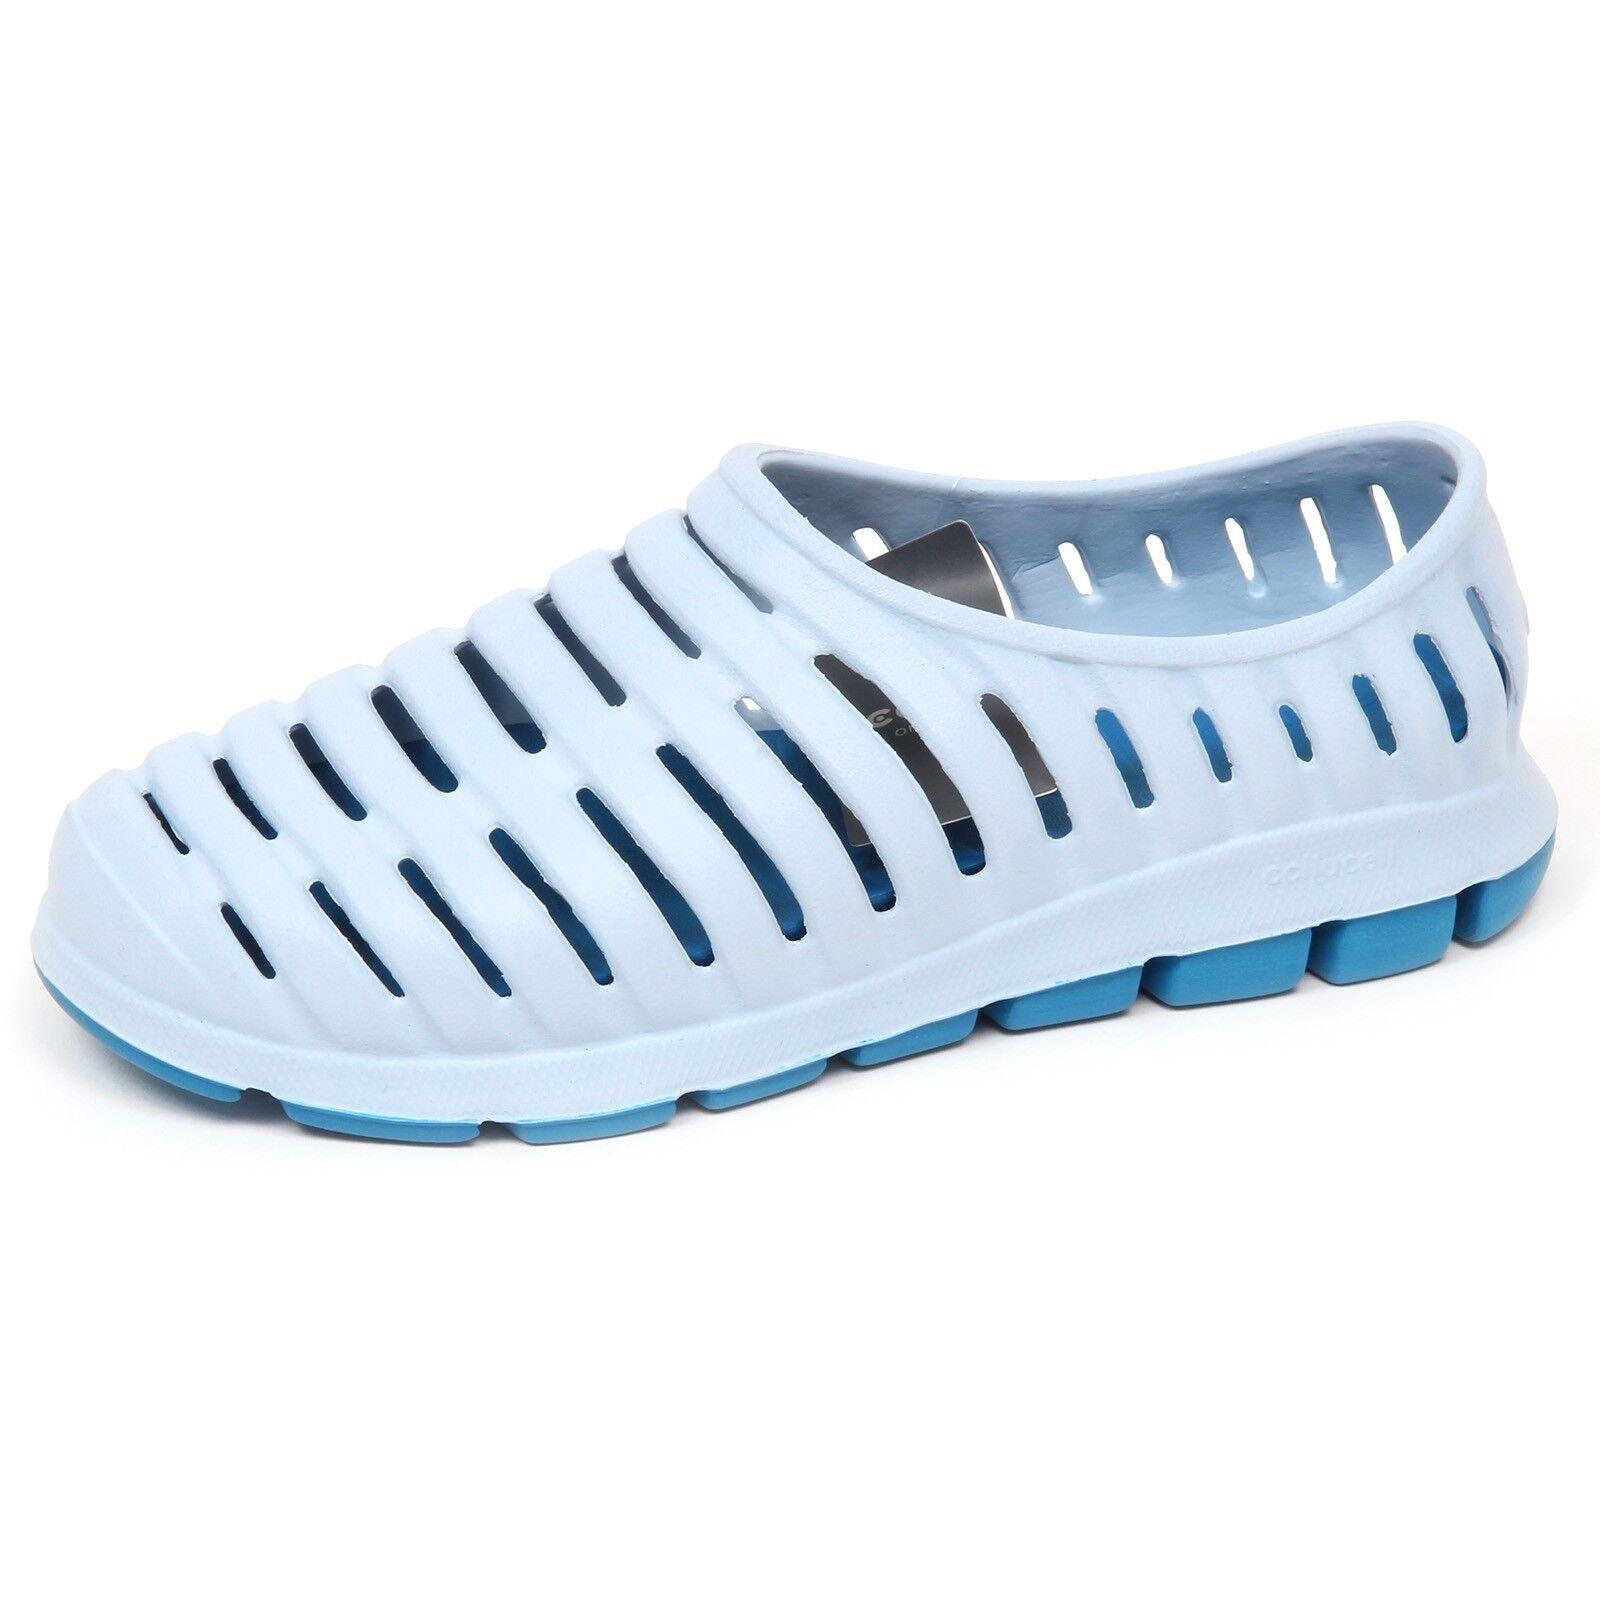 E8120 (sin Caja) tenis hombres Goma Ccilu Celular Sandalia Resbalón en Zapatos Hombre